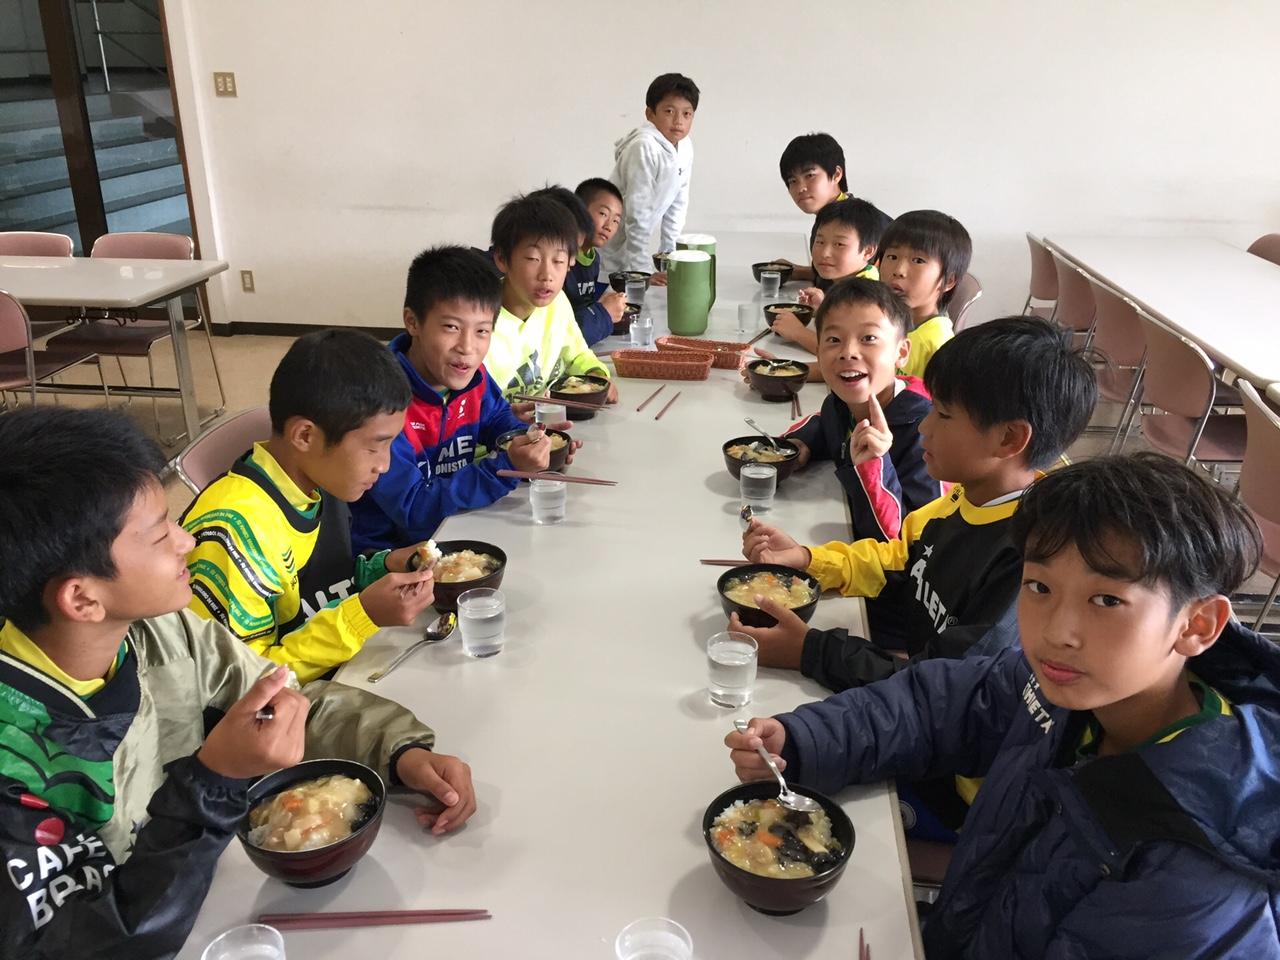 9月16日(土)昭和FC(長野)交流会